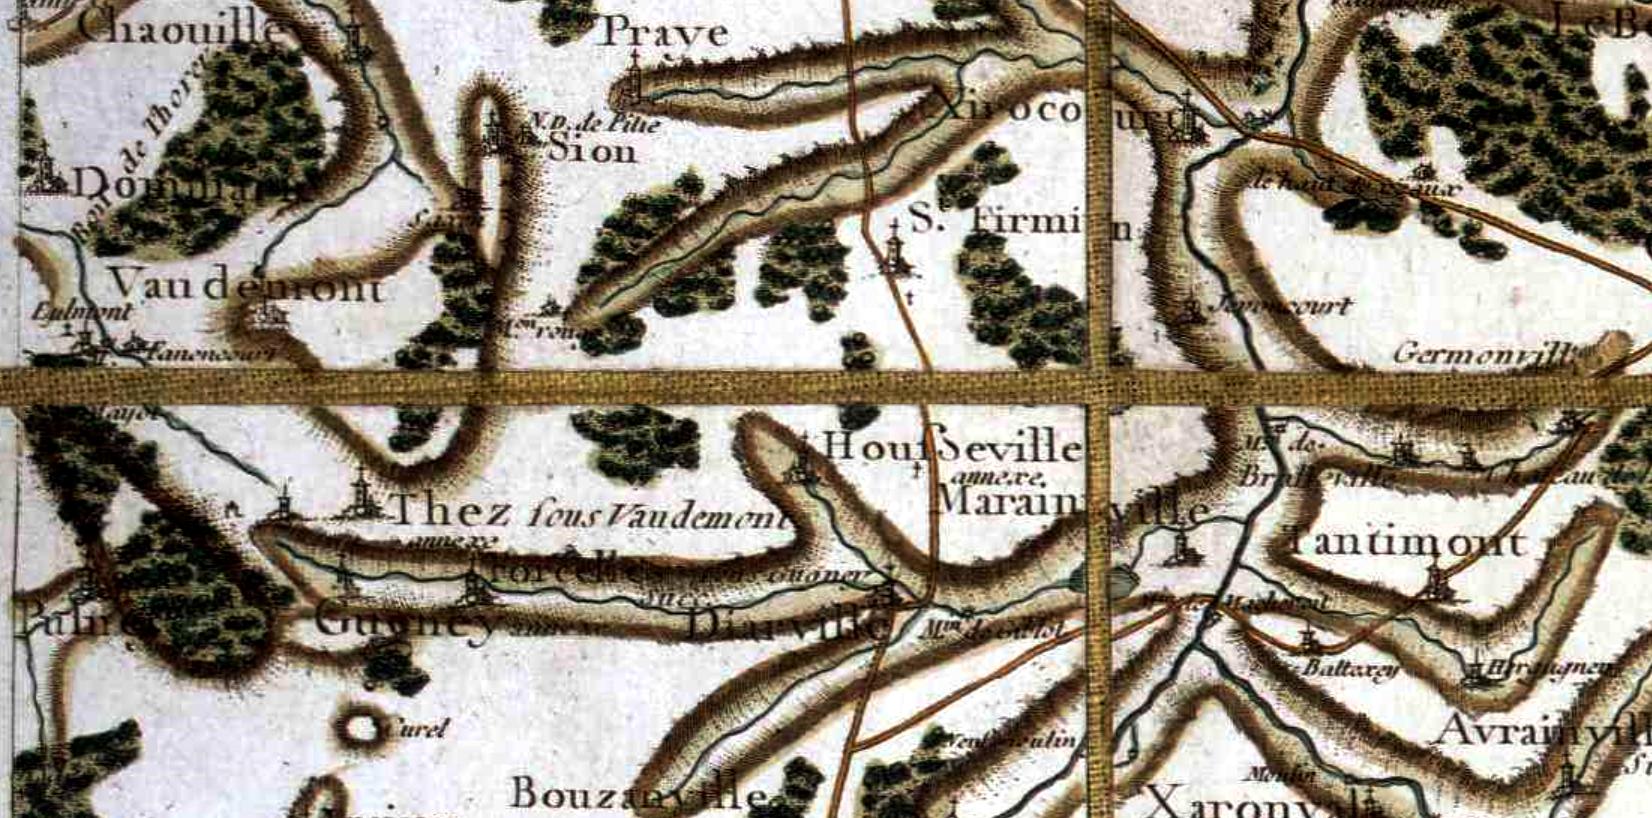 Vaudemont 54 cassini